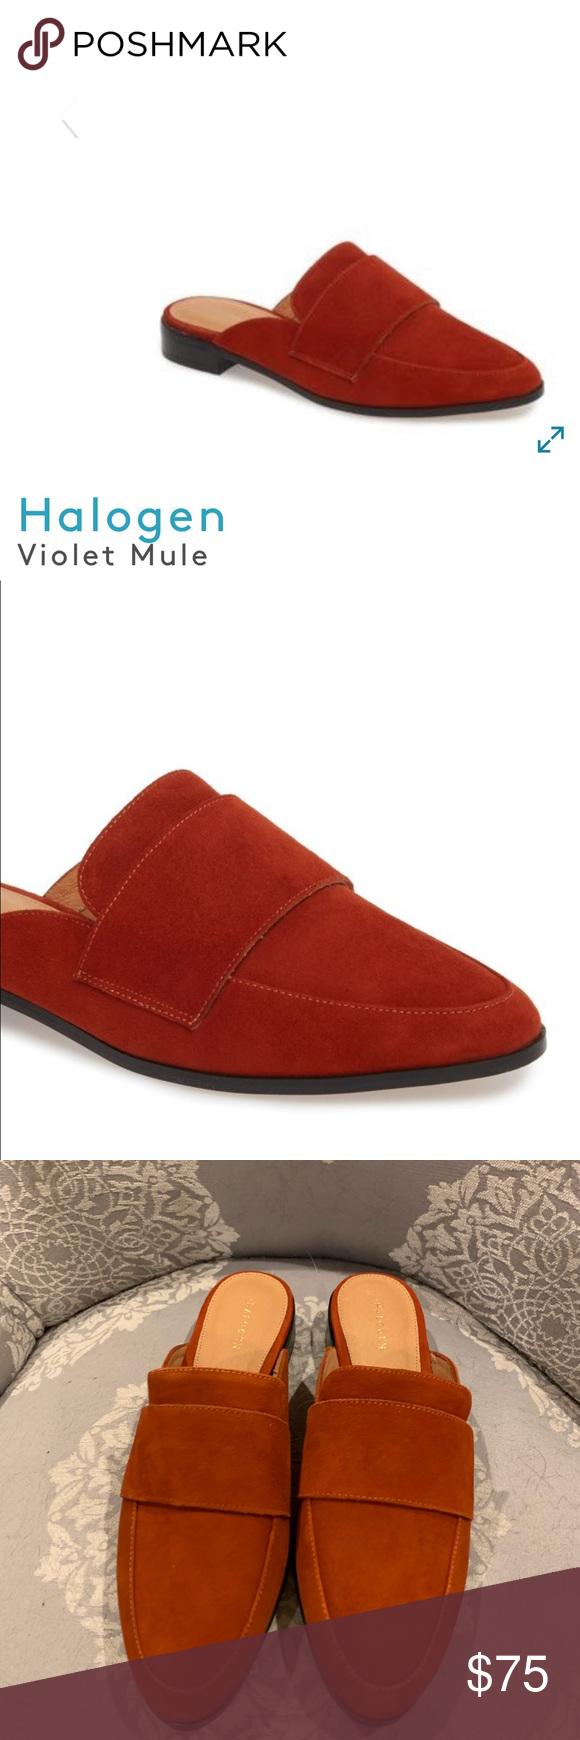 0c599804cab3 NWOT Halogen Suede Mules Size: 7 1/2 Designer: Halogen @ Nordstrom Color